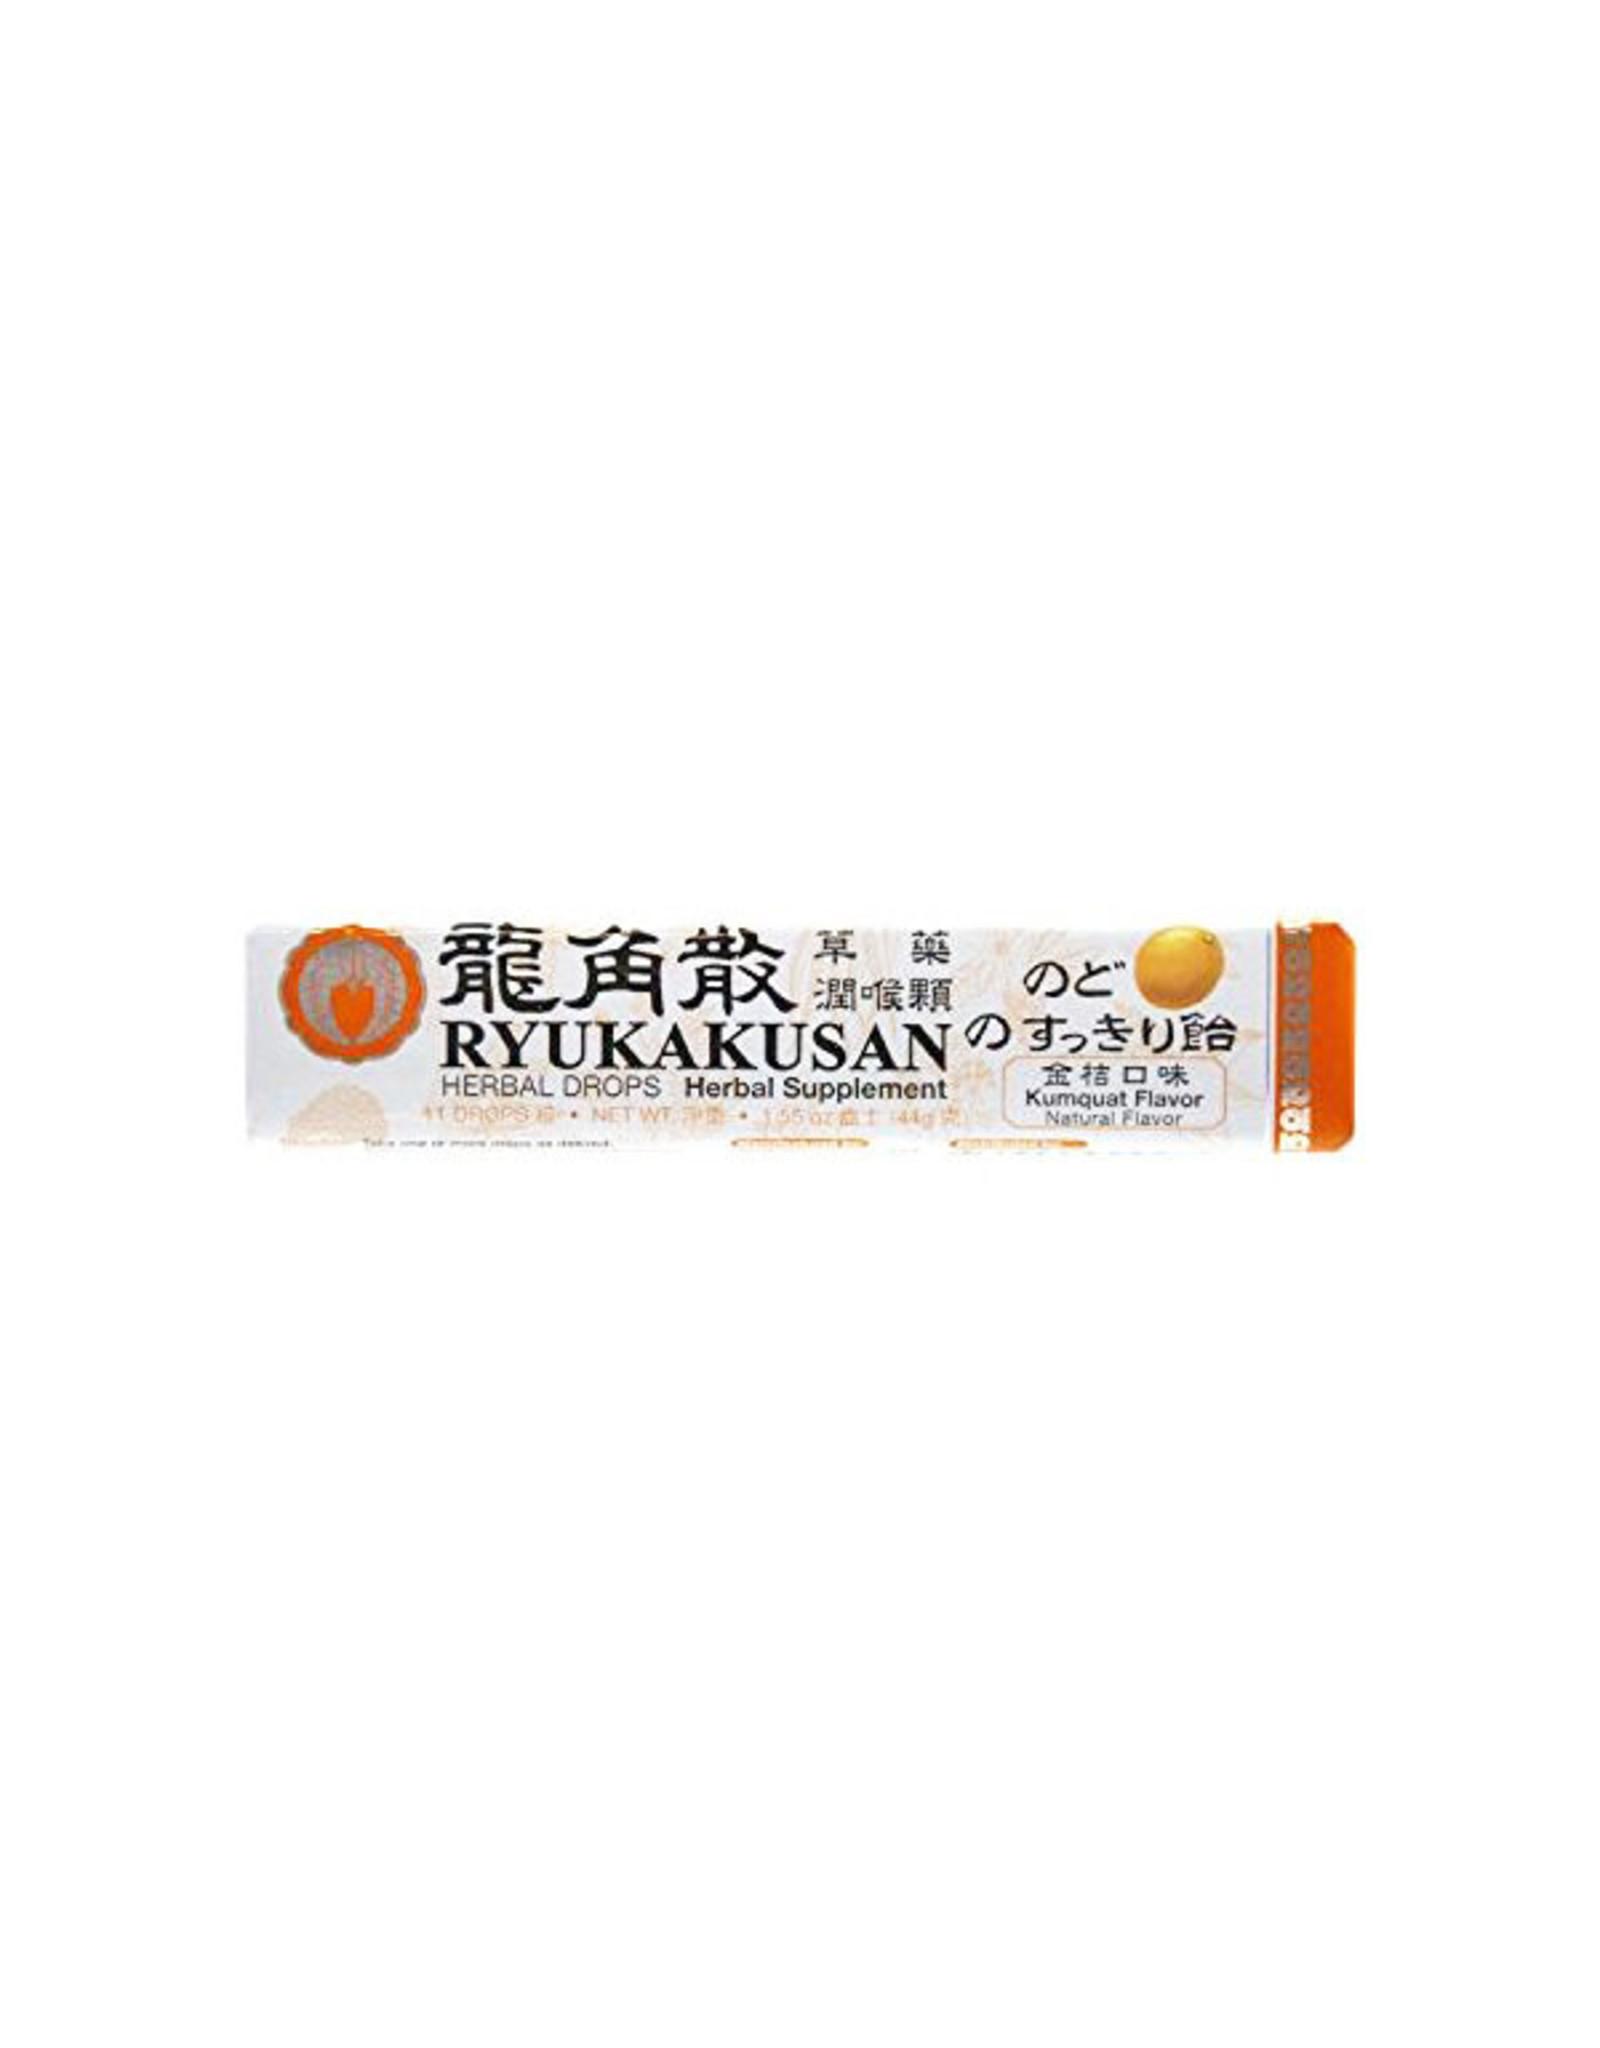 Ryukakusan Ryukakusan Herbal Drop